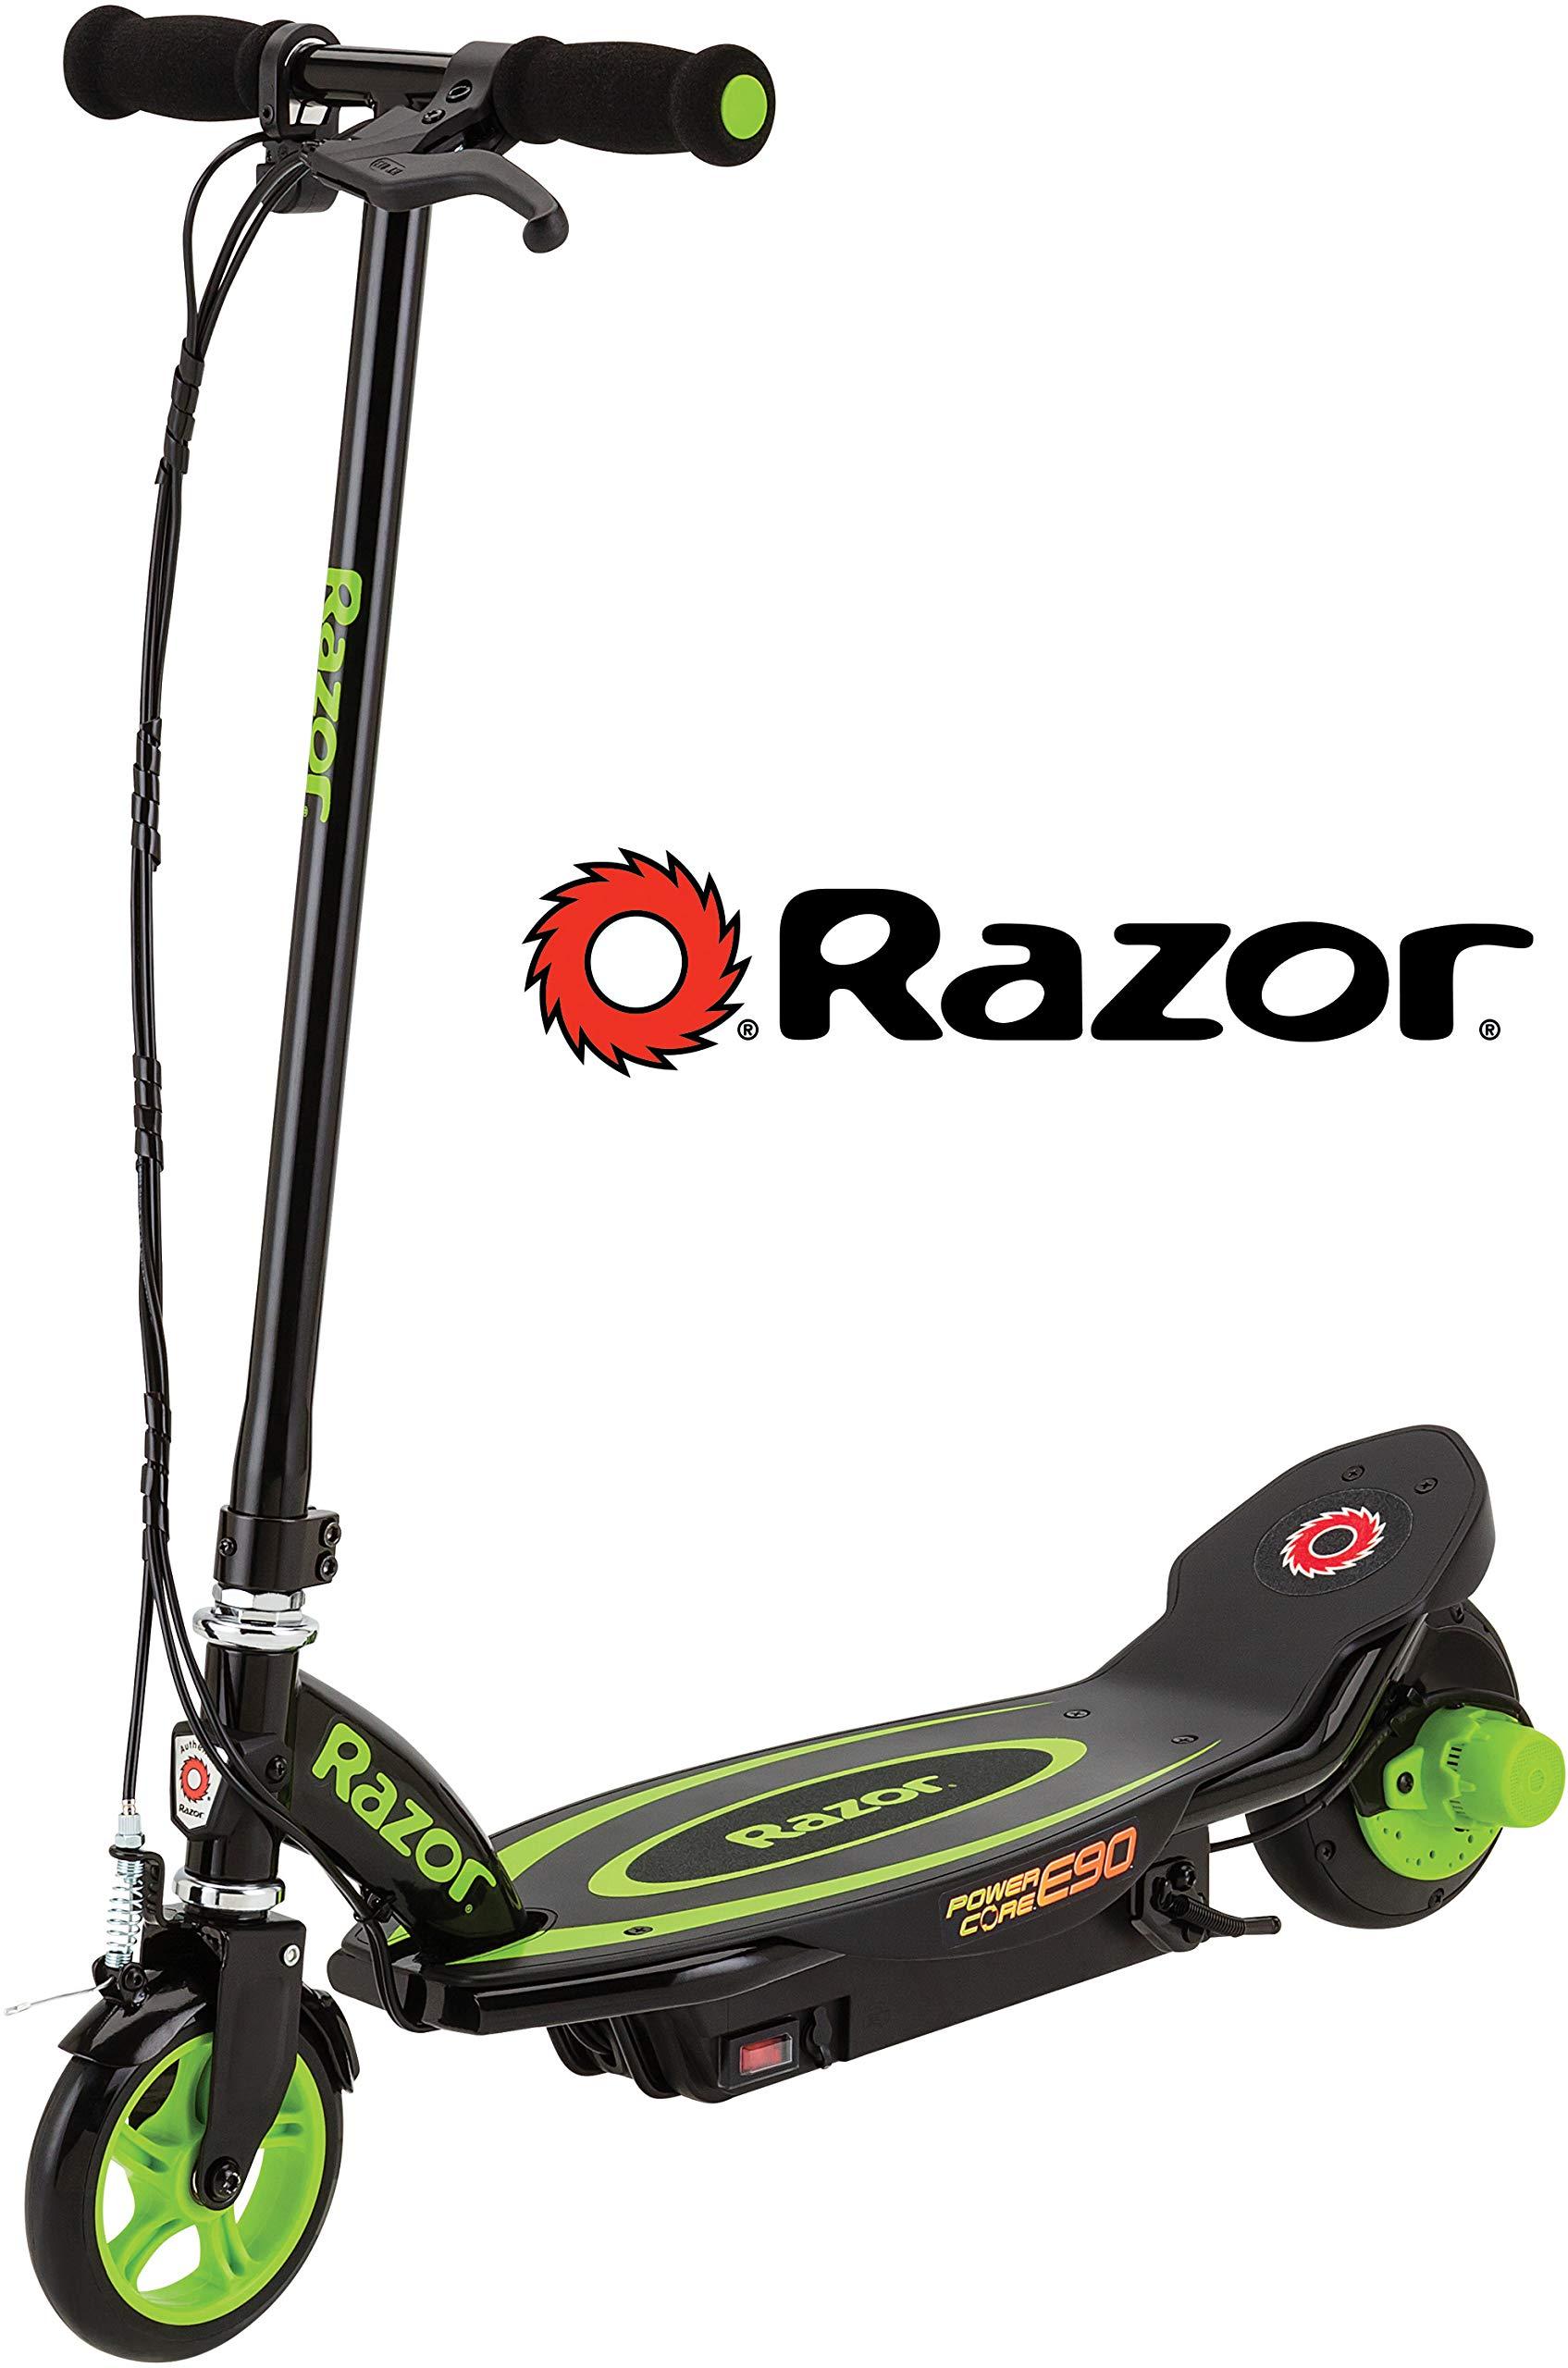 Razor Power Core E90 Electric Scooter - Green by Razor